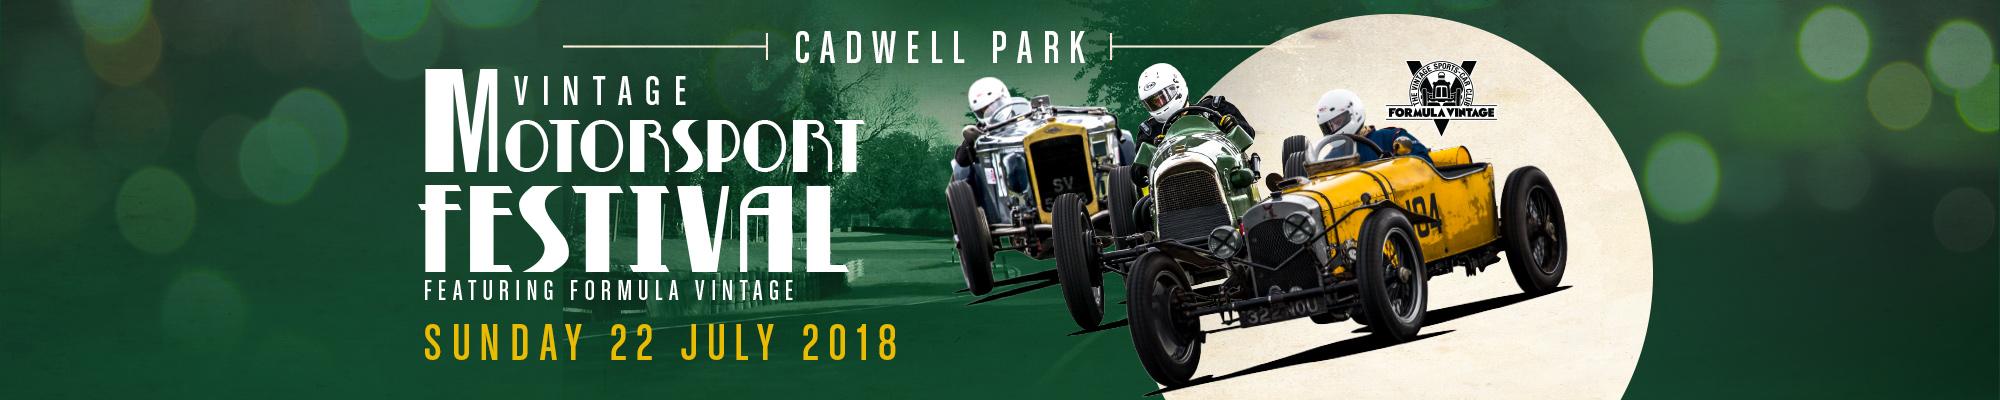 Vintage Motorsport Festival - Featuring Formula Vintage